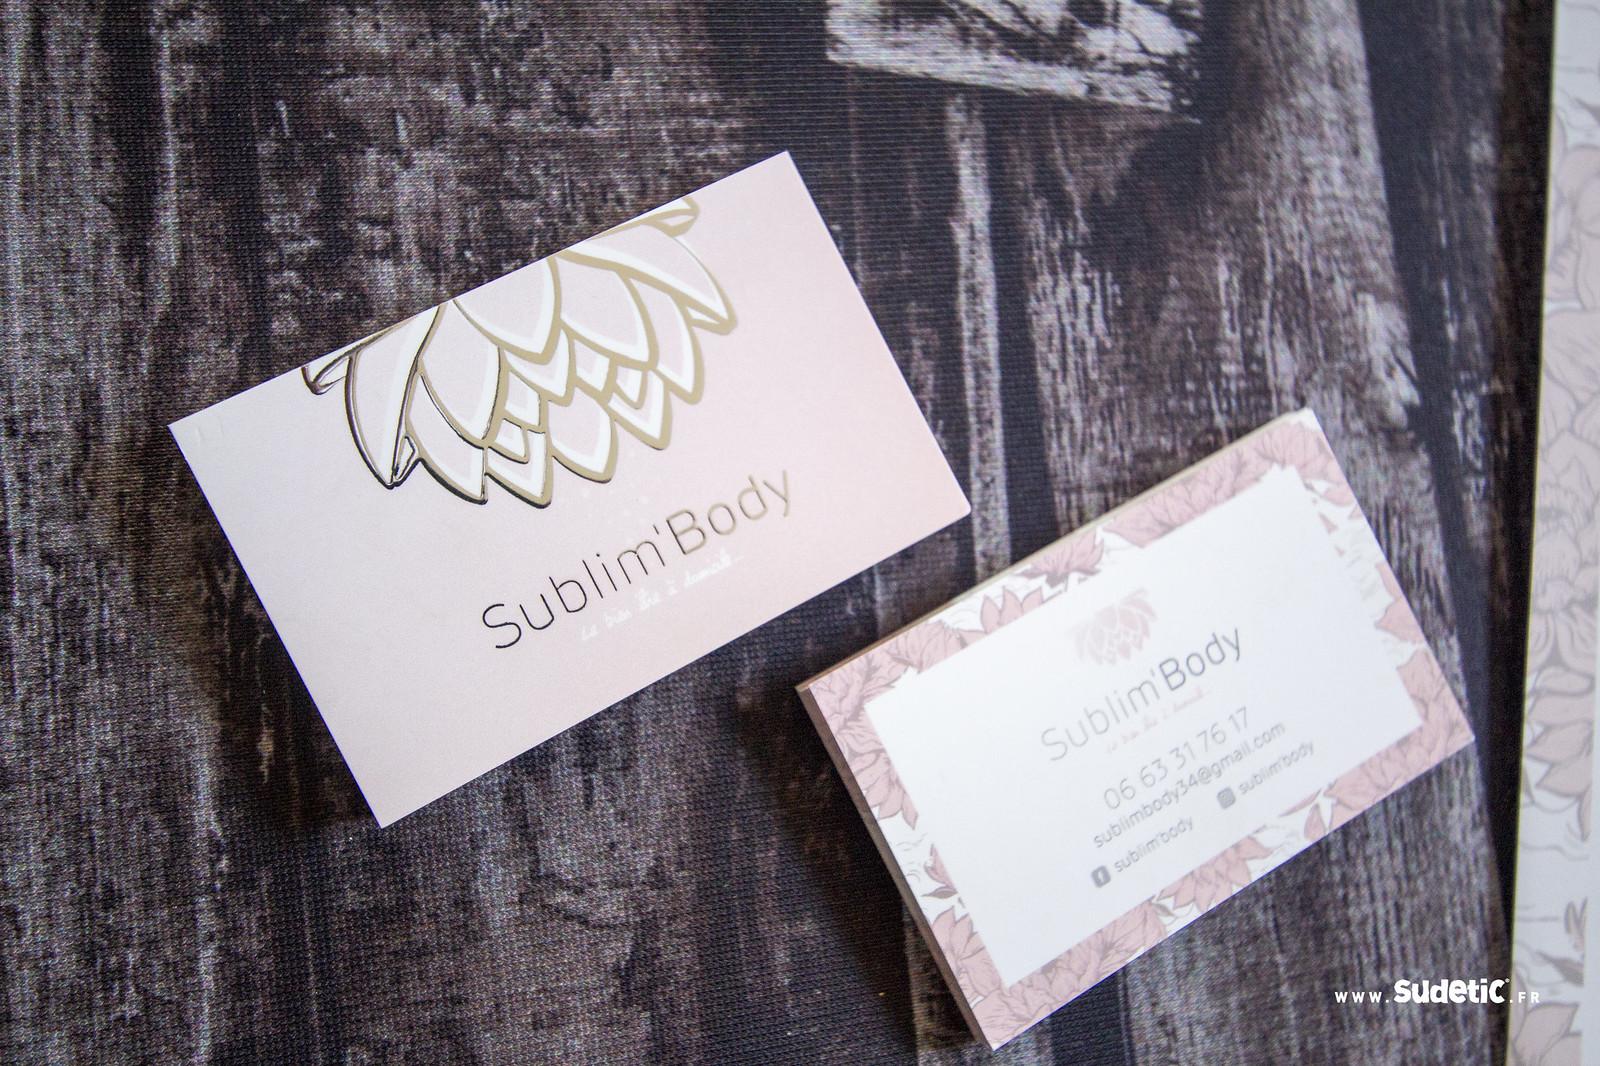 Sudetic cartes de visite et depliant Sublim Body-6